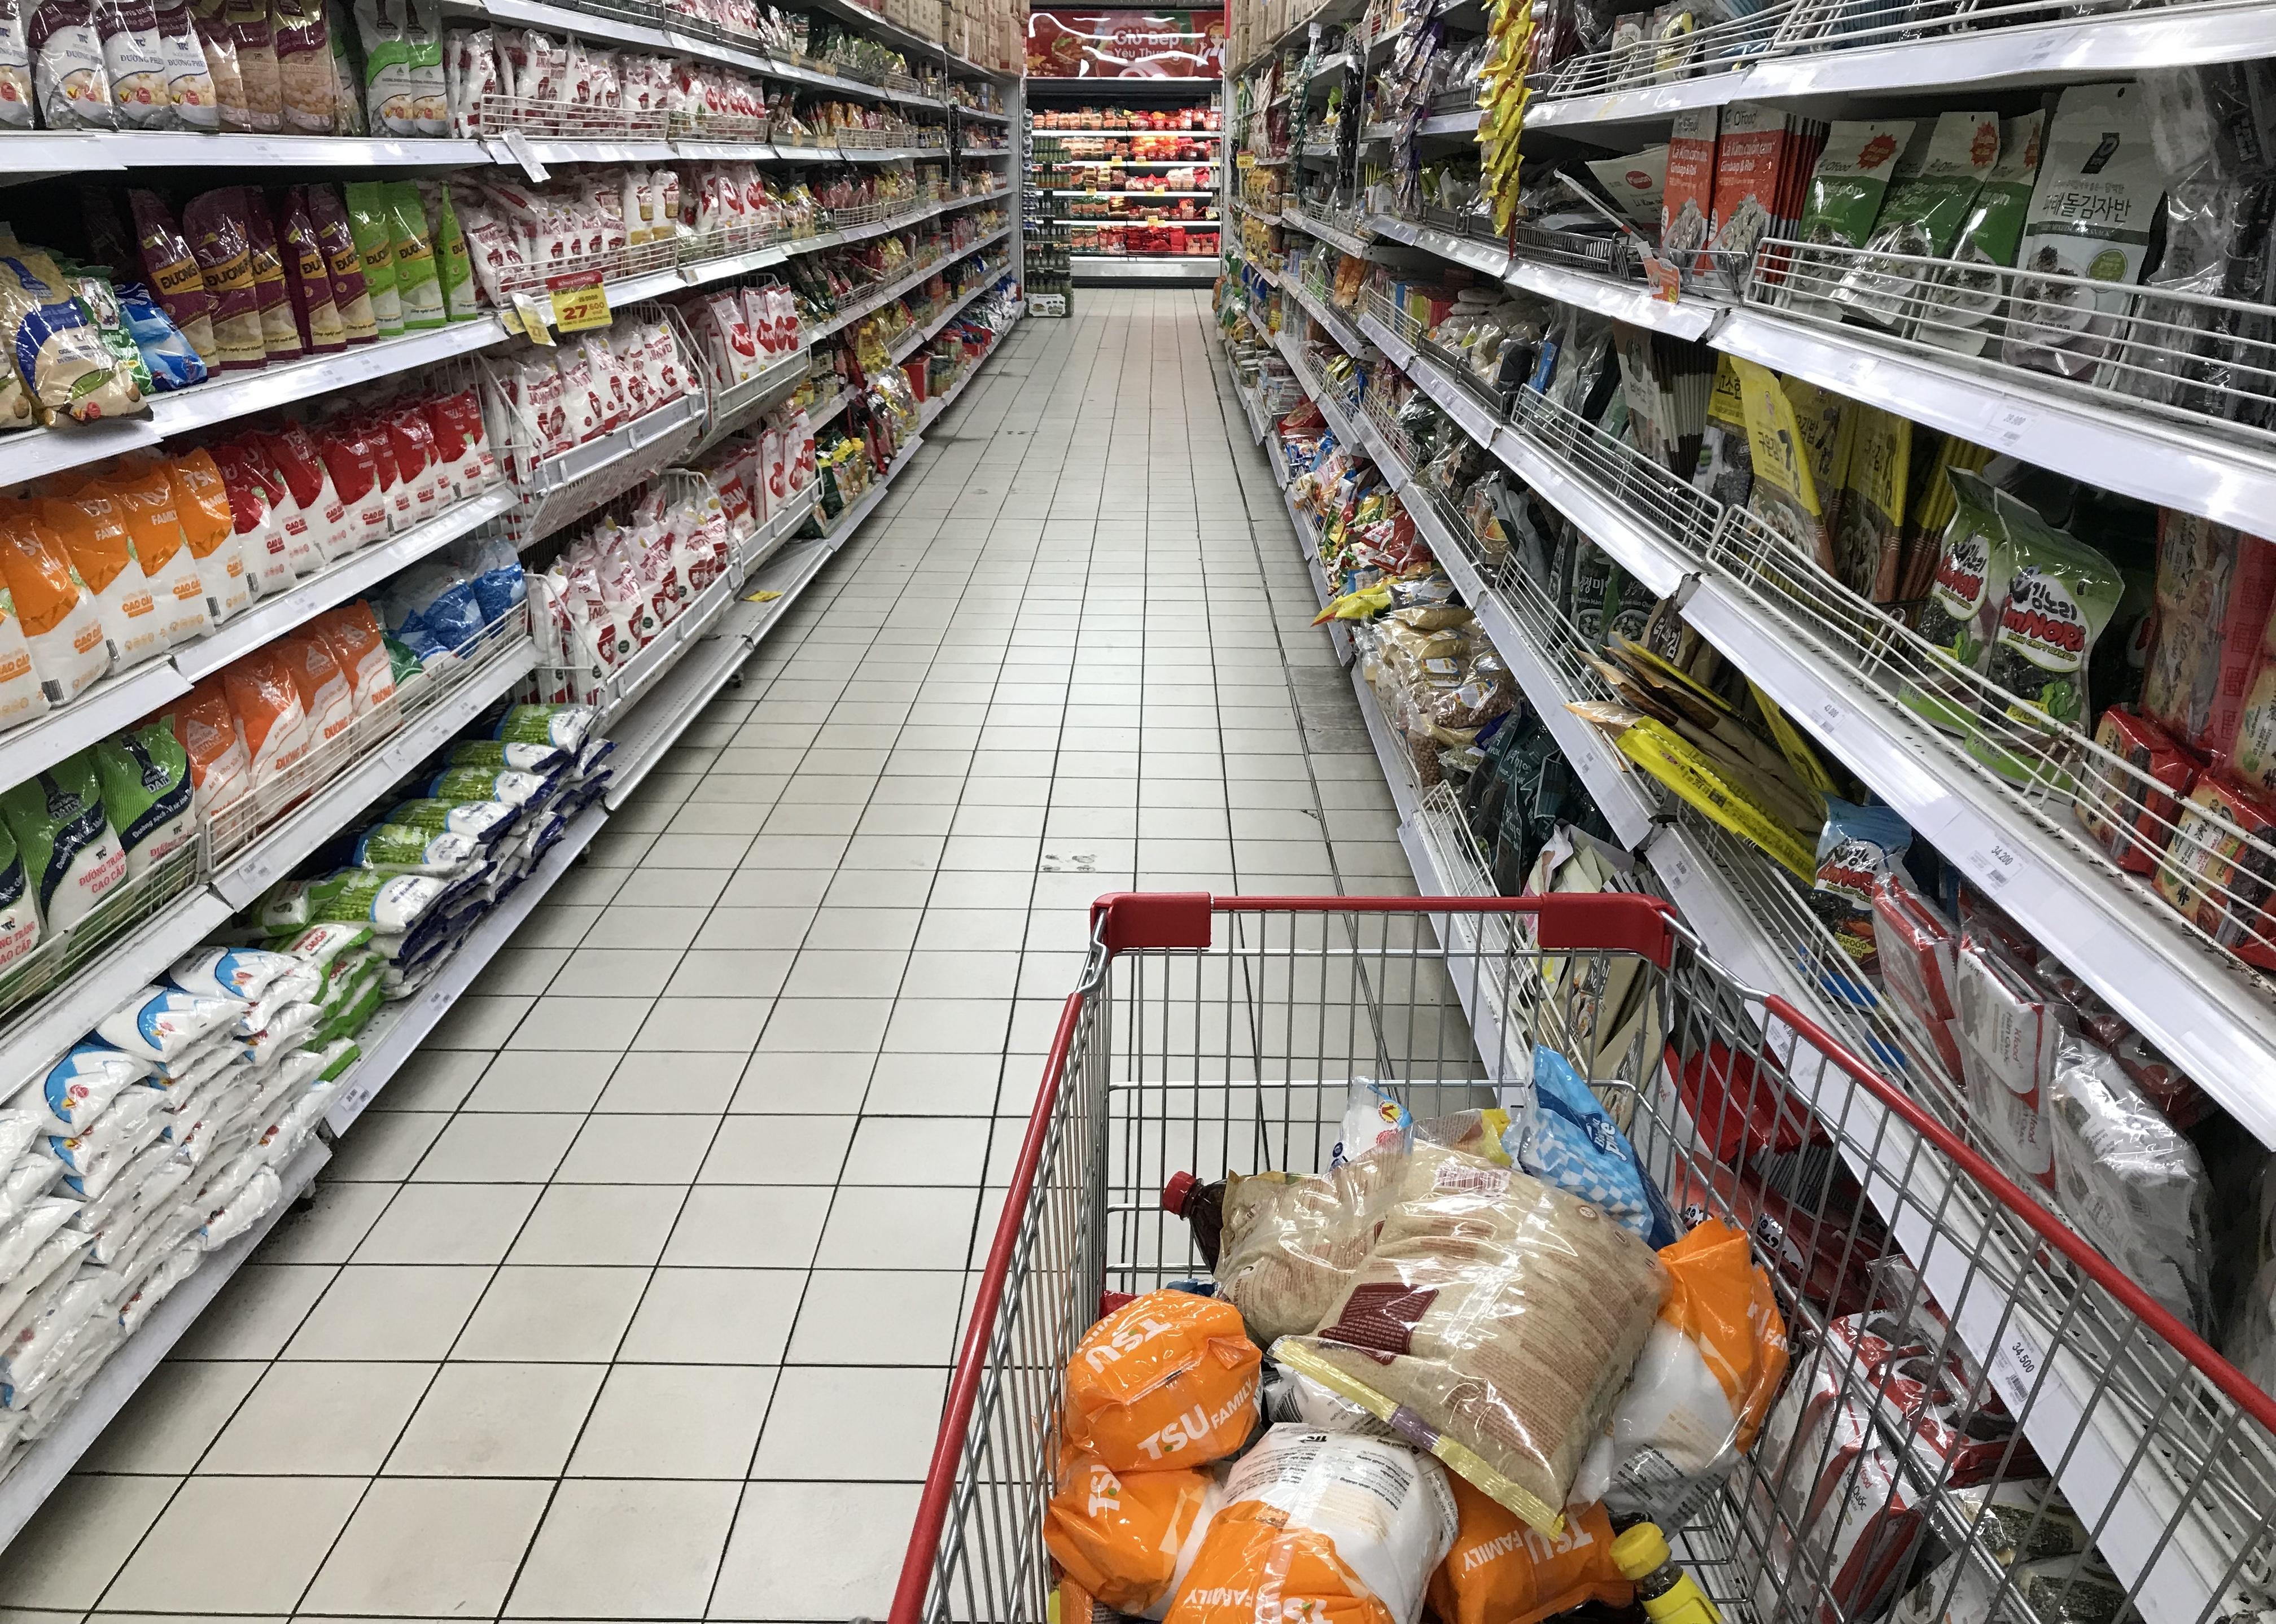 Big C miền Đông bất ngờ thông báo đóng cửa, người tiêu dùng sững sờ, siêu thị vắng lặng chiều nay - Ảnh 12.